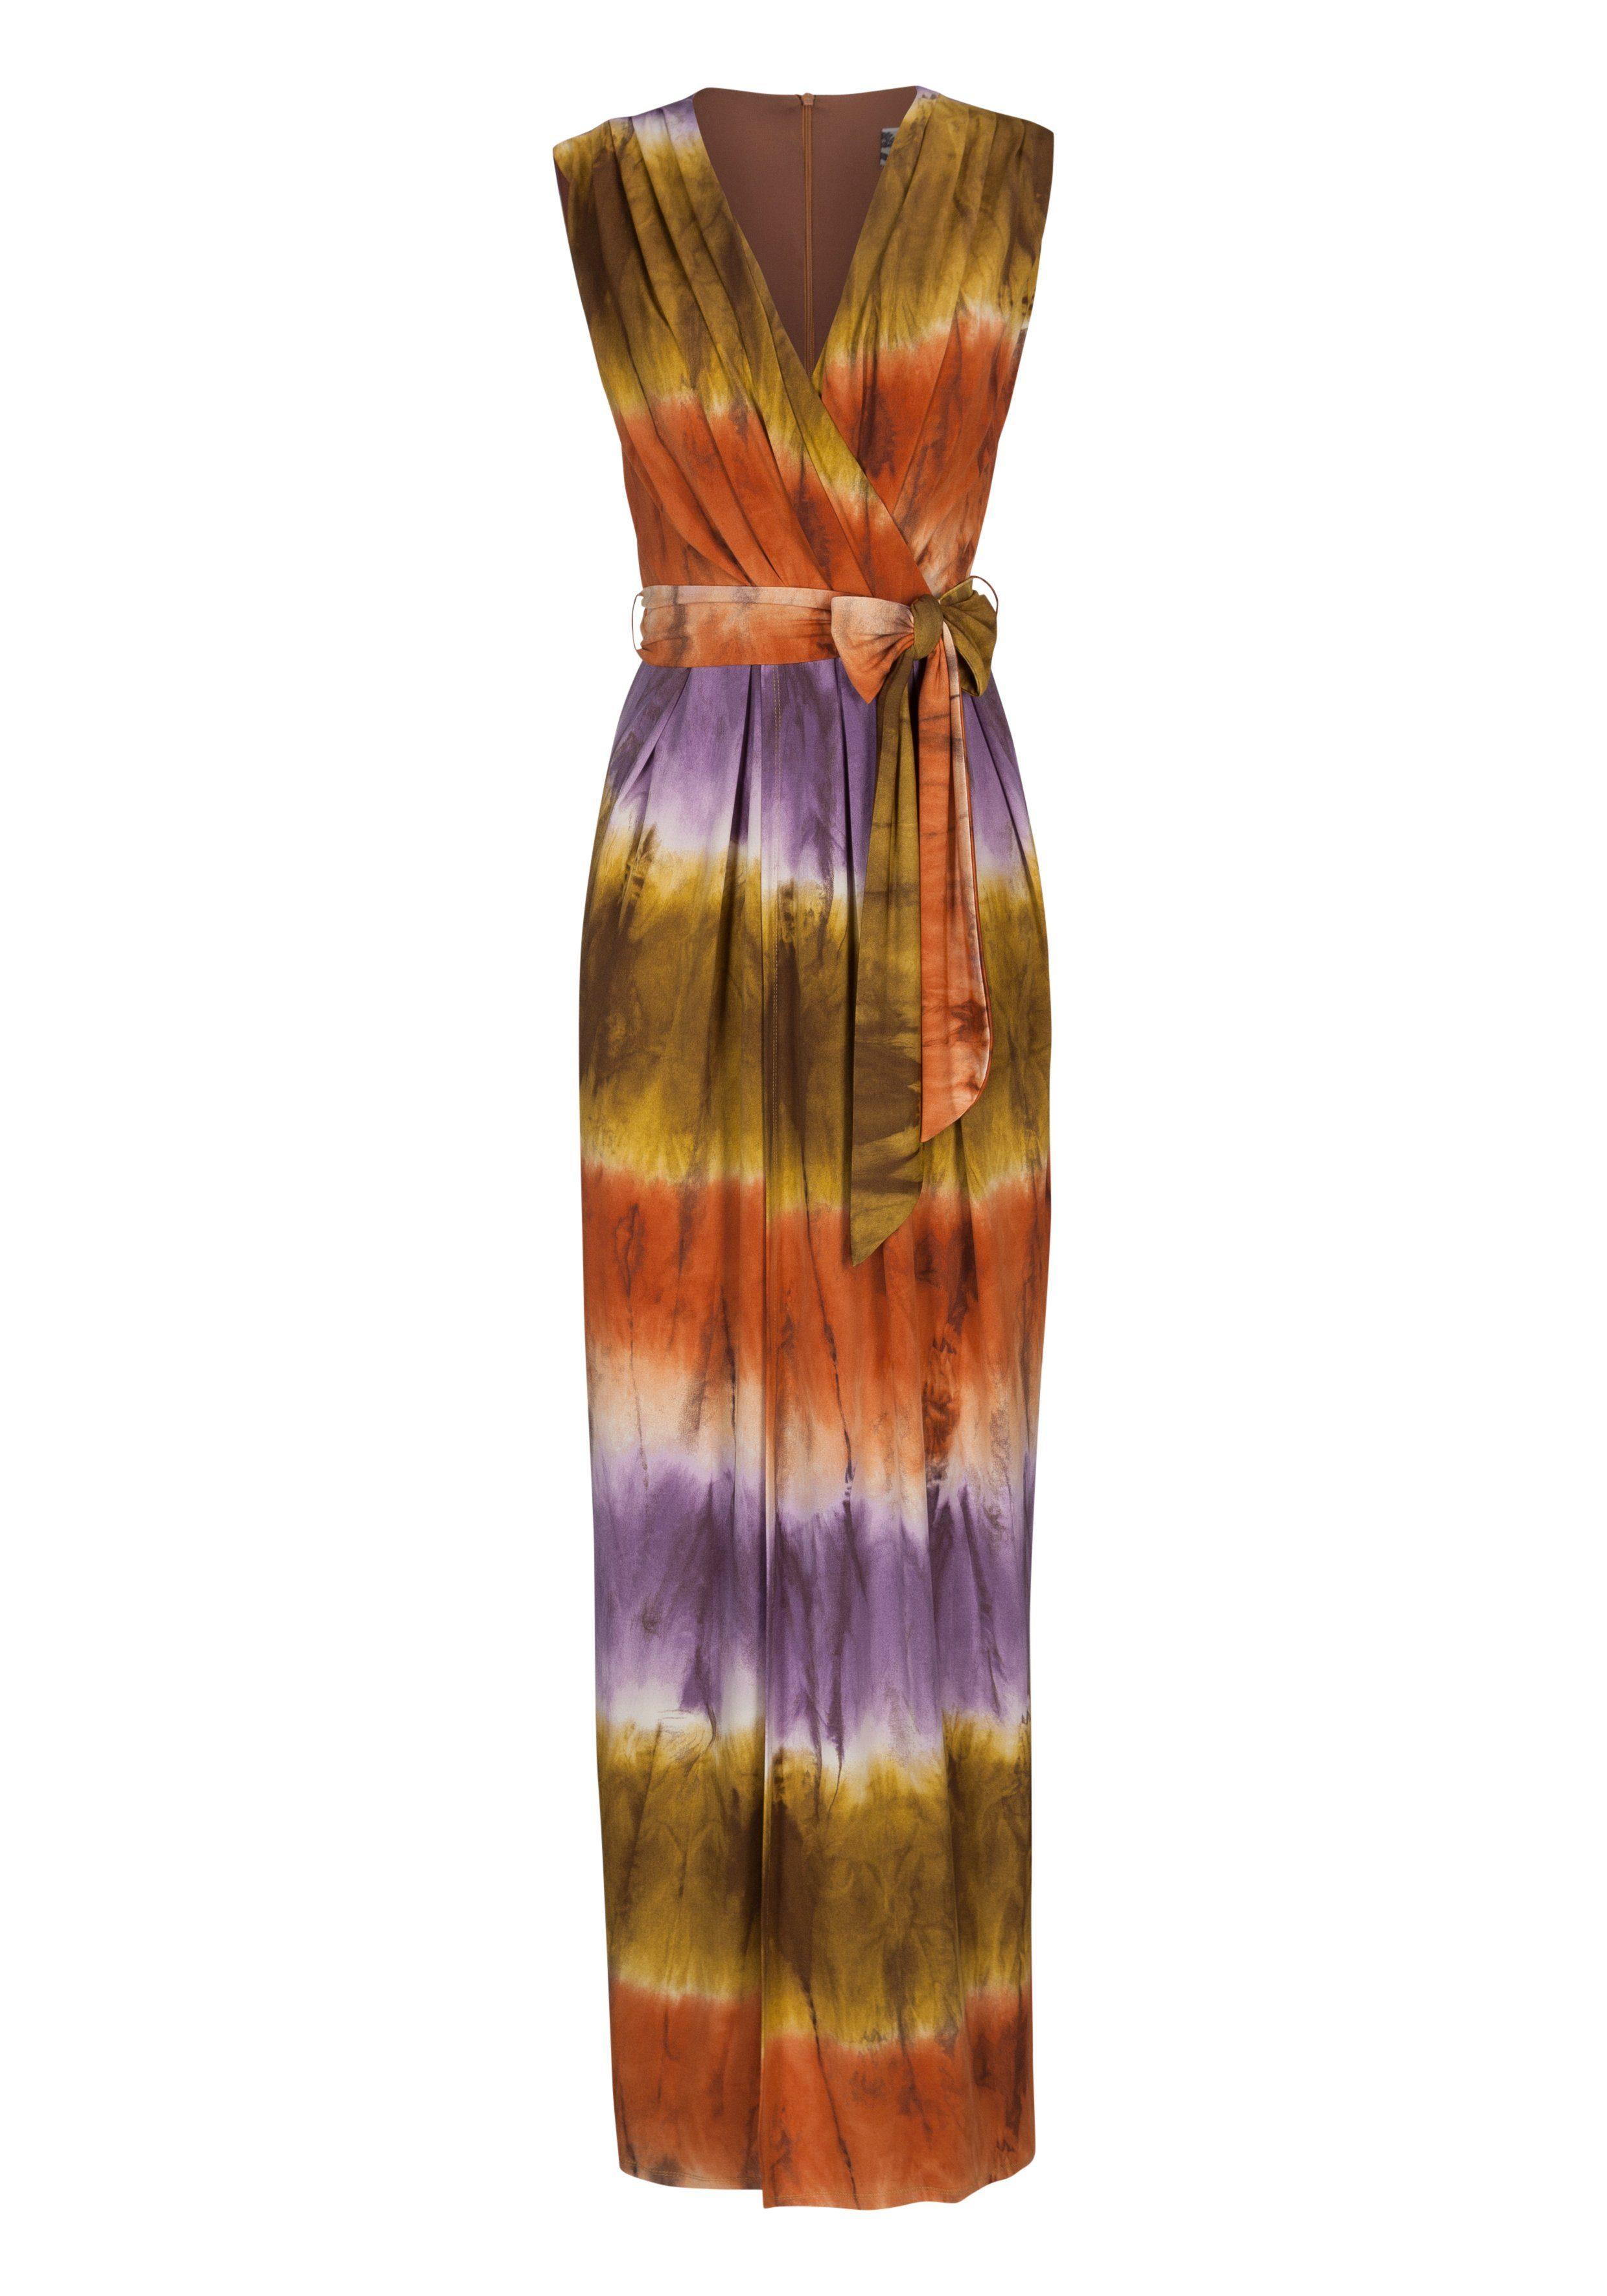 NICOWA Modisches Maxikleid NORELA mit Batik-Design